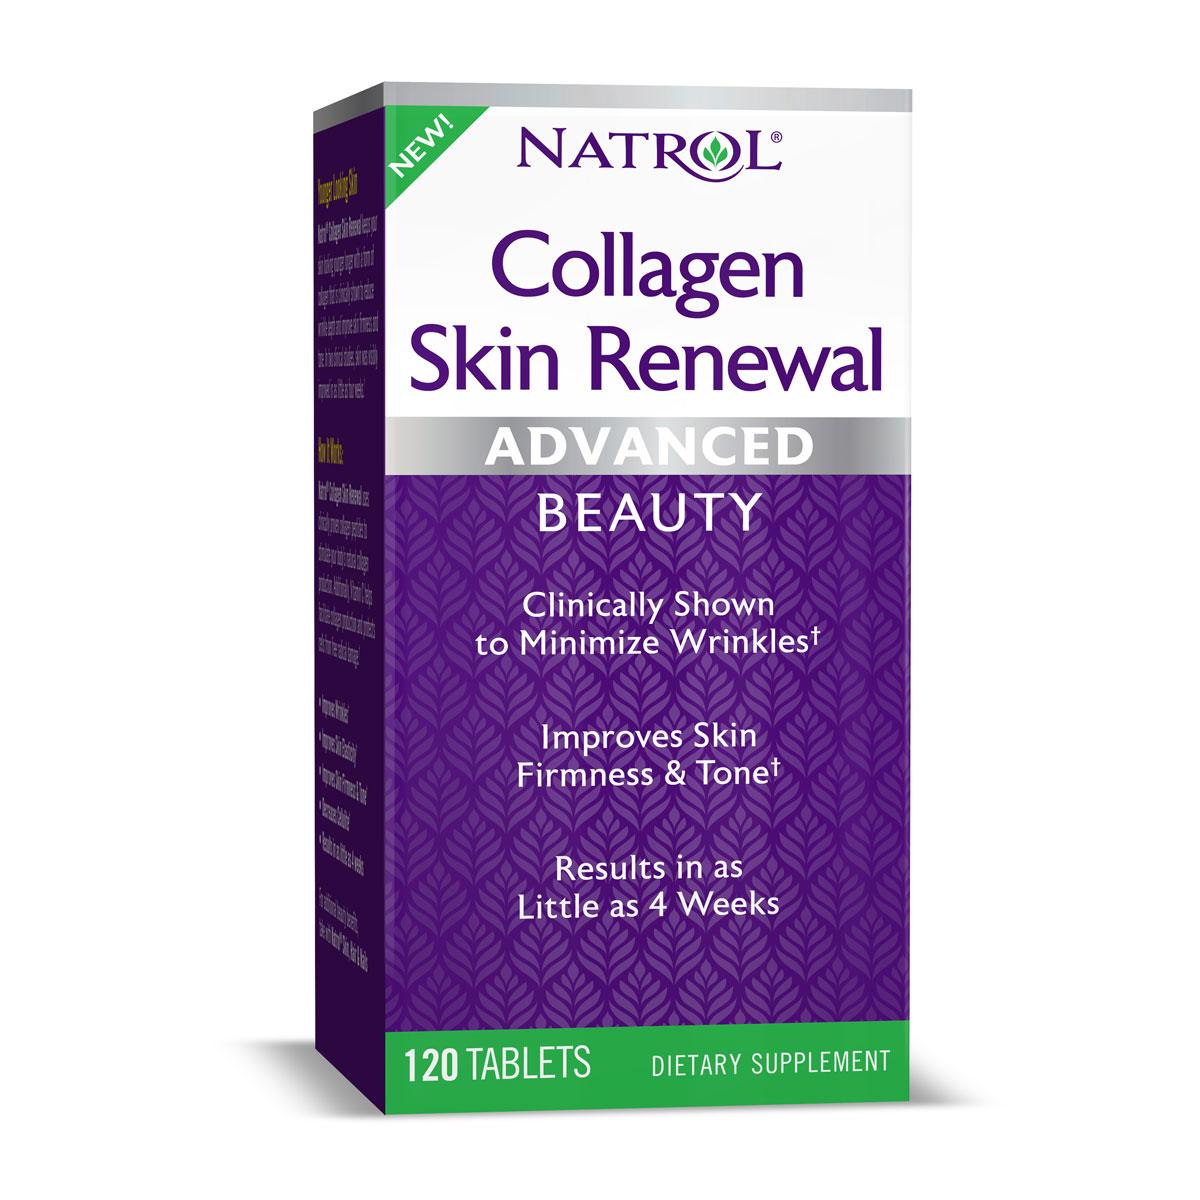 Collagen Skin Renewal